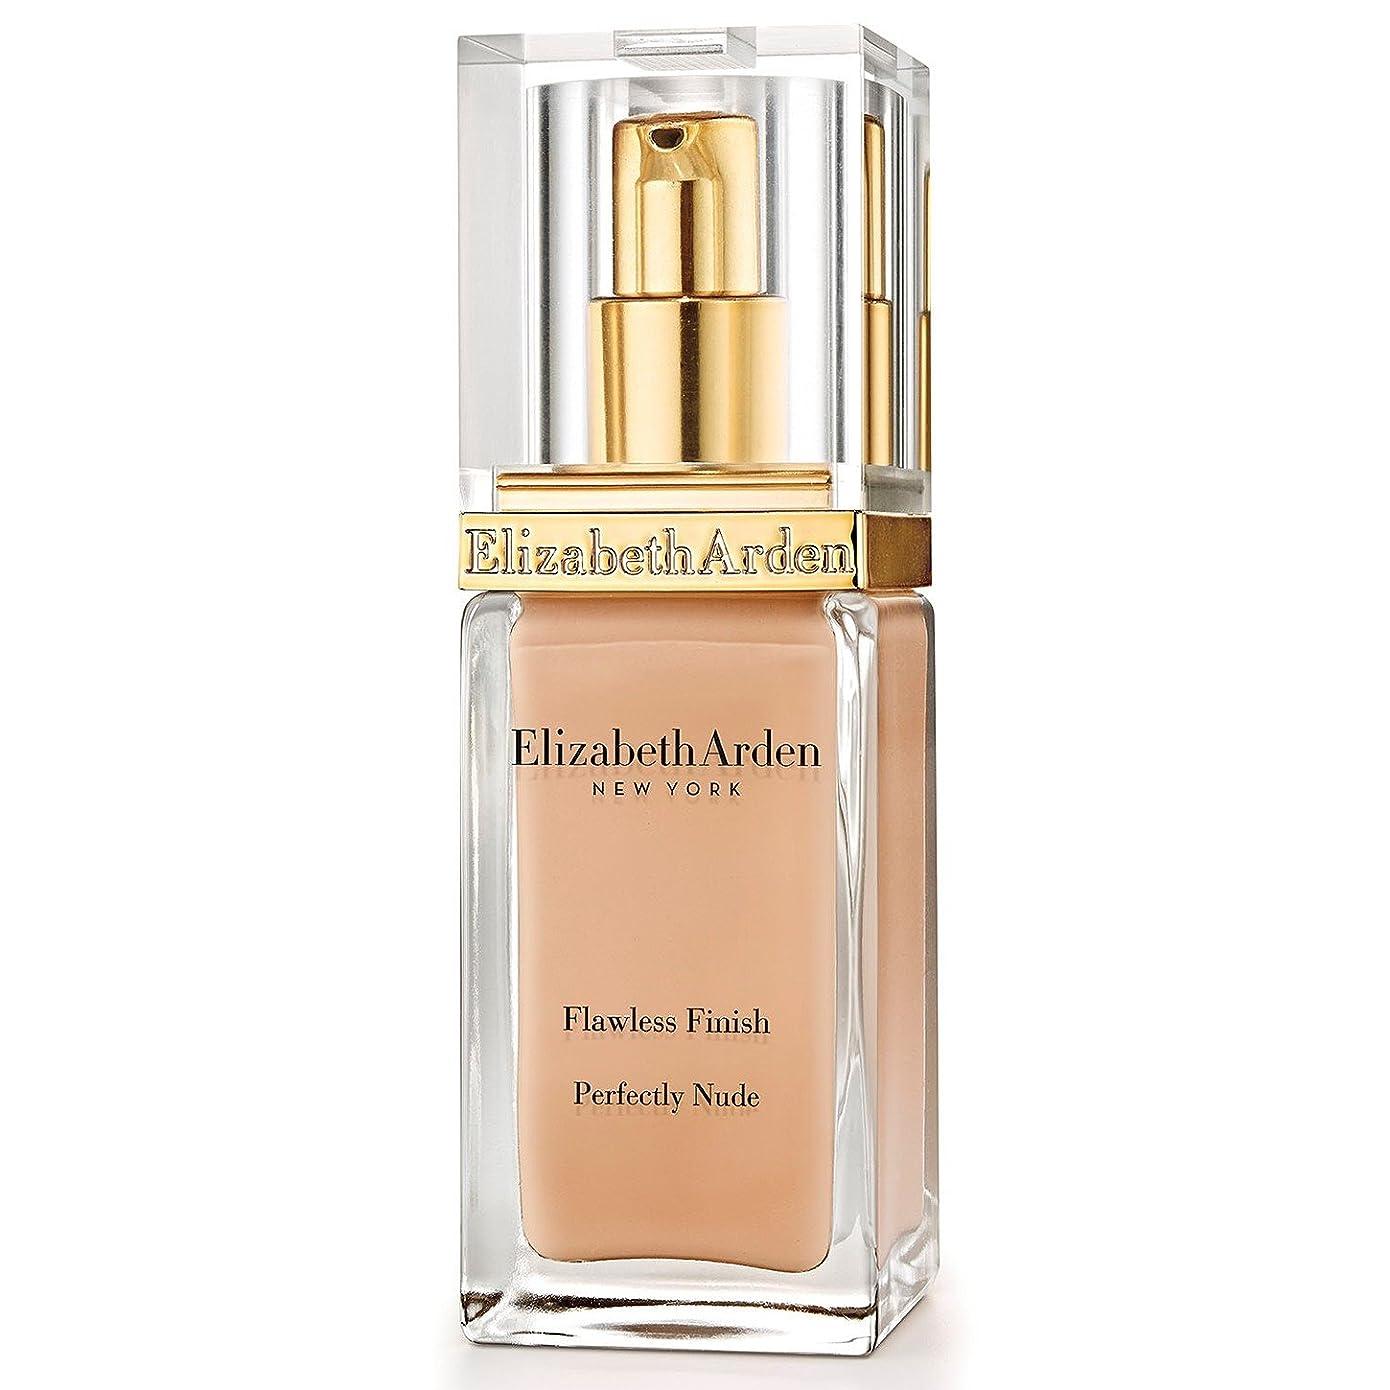 暴行ジェム乱れエリザベスアーデン完璧な仕上がり完璧ヌードファンデーション 15スパイス x2 - Elizabeth Arden Flawless Finish Perfectly Nude Foundation SPF 15 Spice (Pack of 2) [並行輸入品]